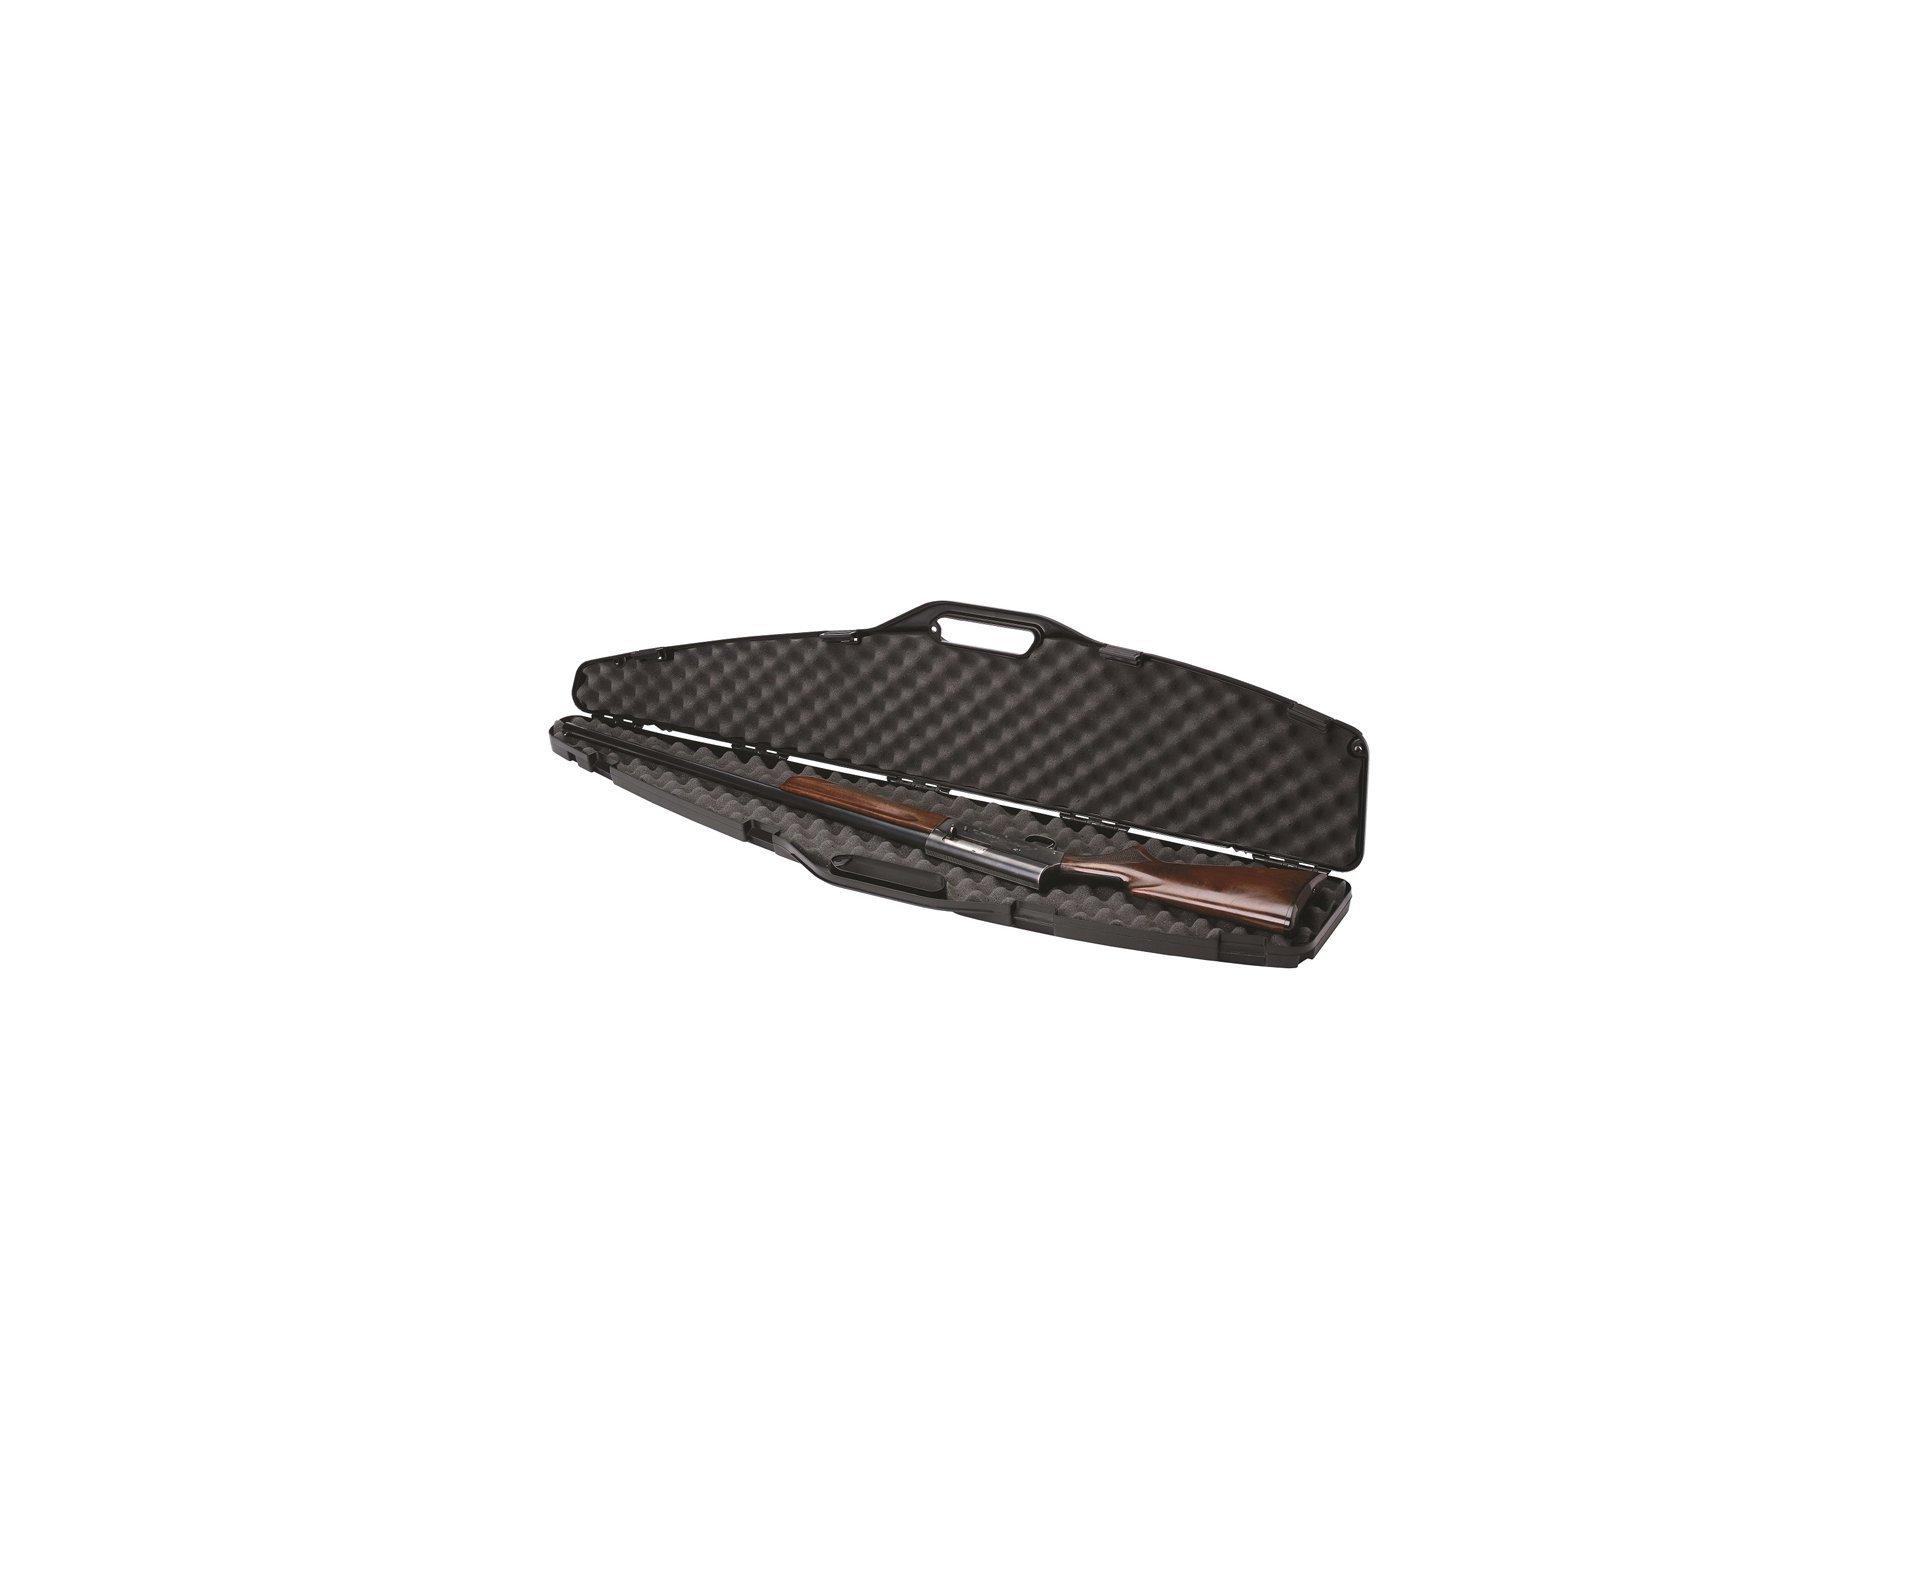 Rifle Pcp Sumatra Lever Action Cal 5.5 + Case + Scuba 10l + Adaptador